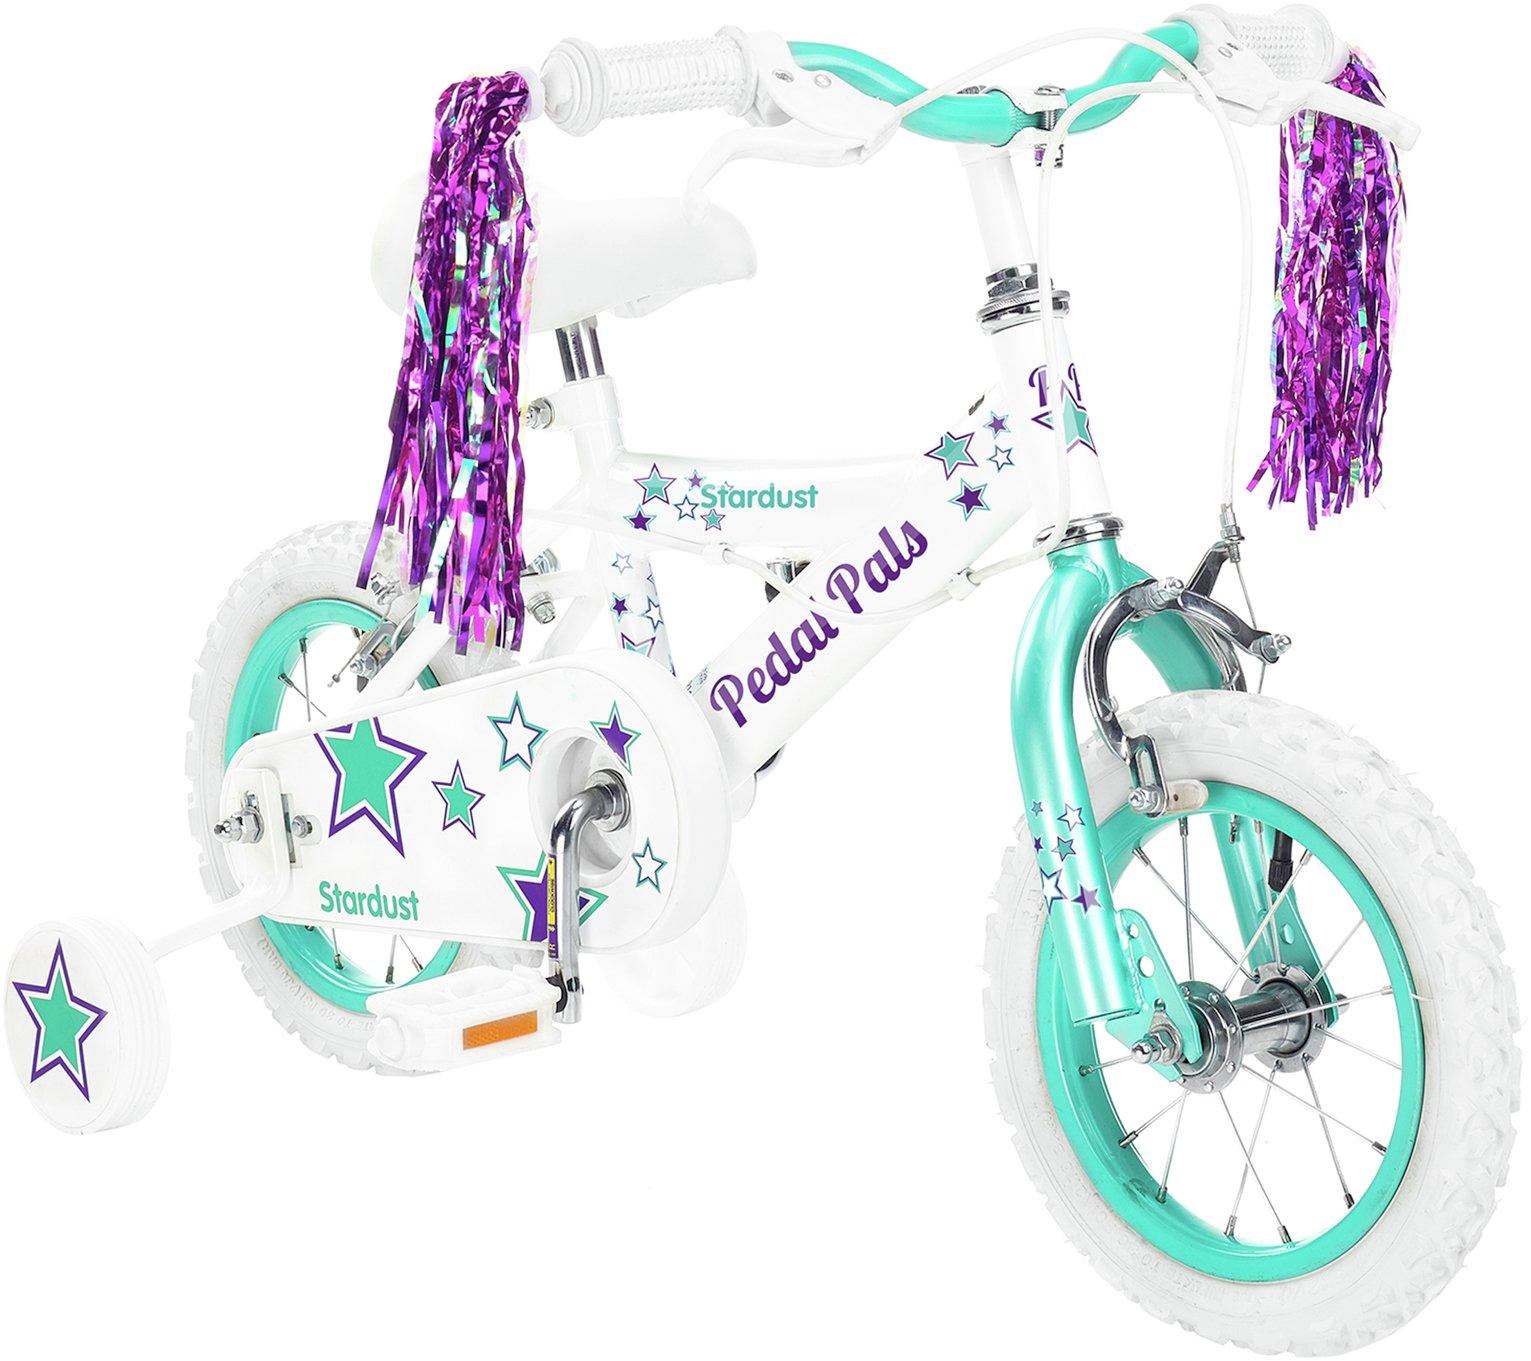 Pedal Pals 12 Inch Stardust Kids Bike